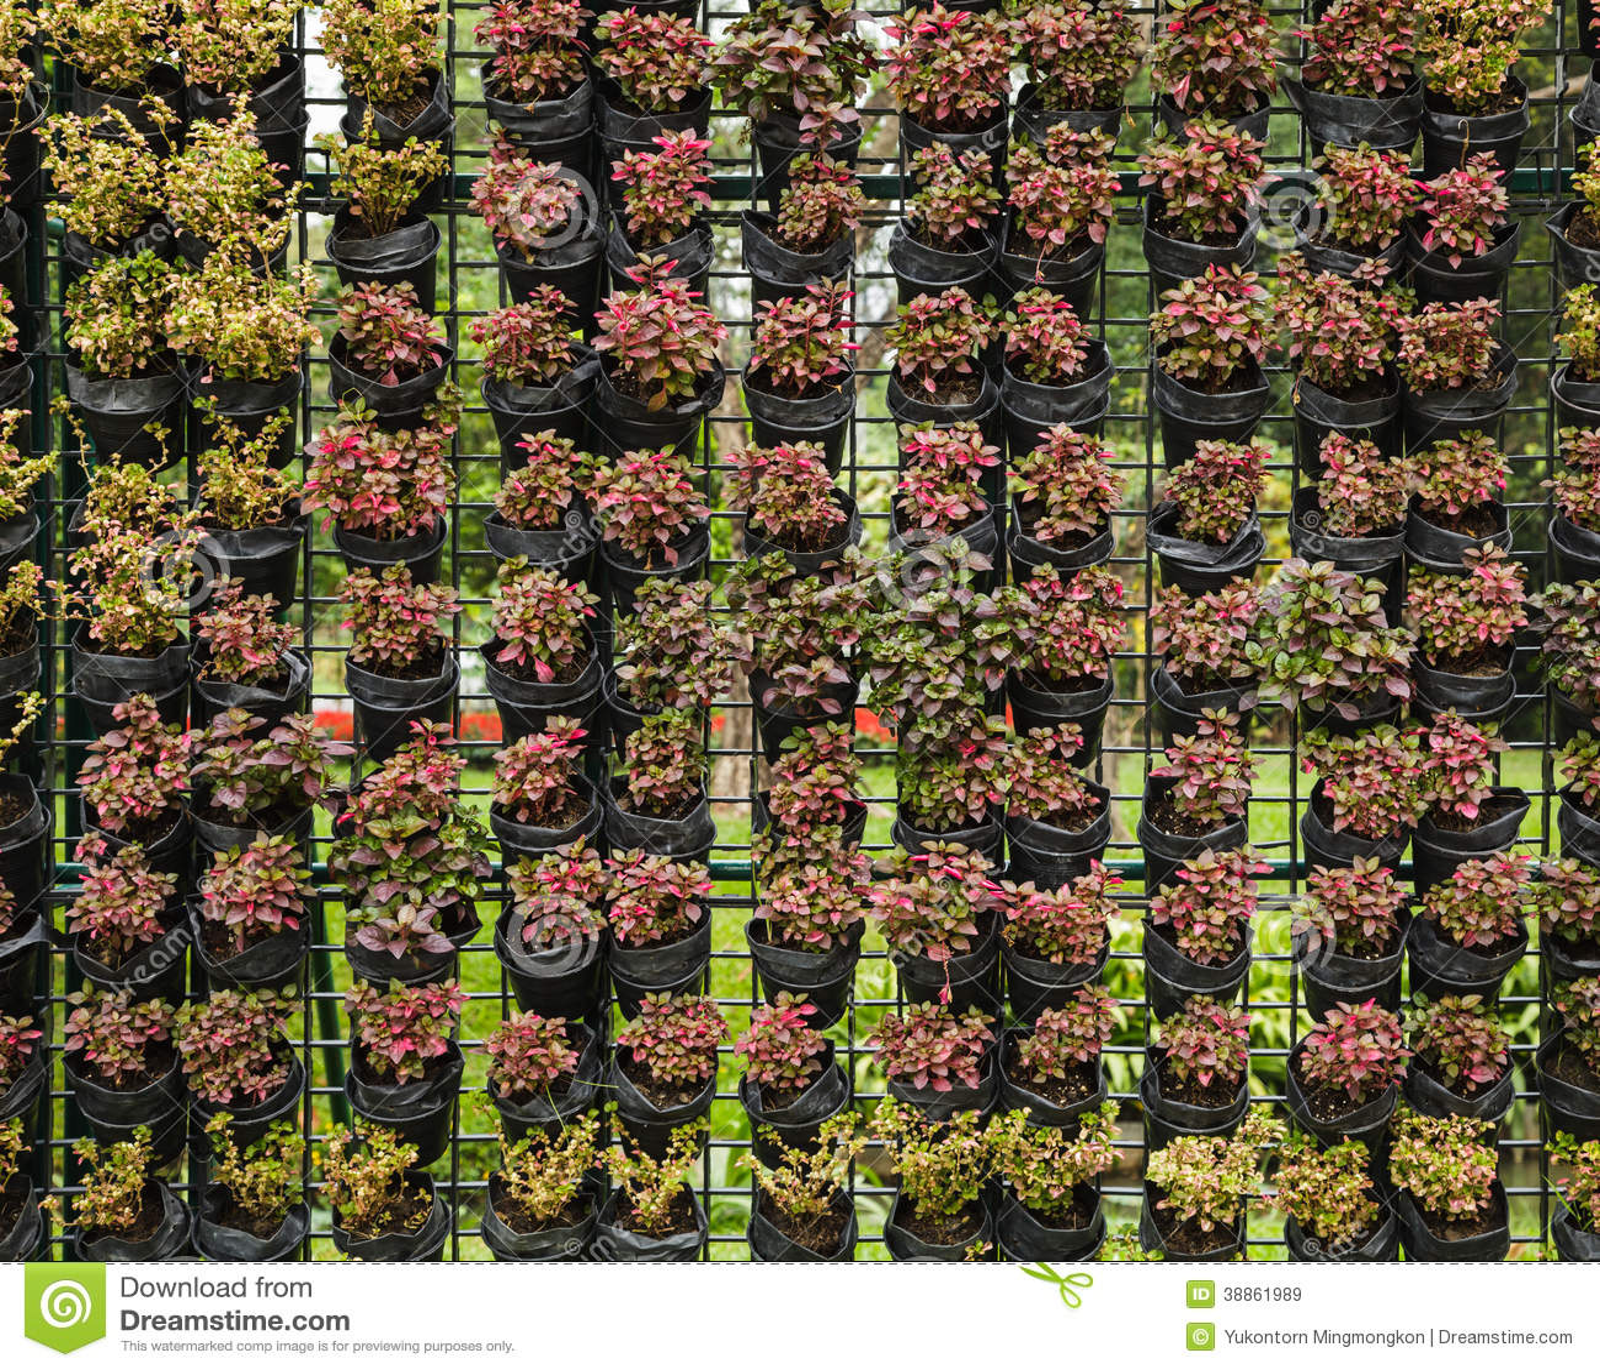 jardim vertical urbano:jardim vertical é uma maneira de crescer mais plantas em um espaço